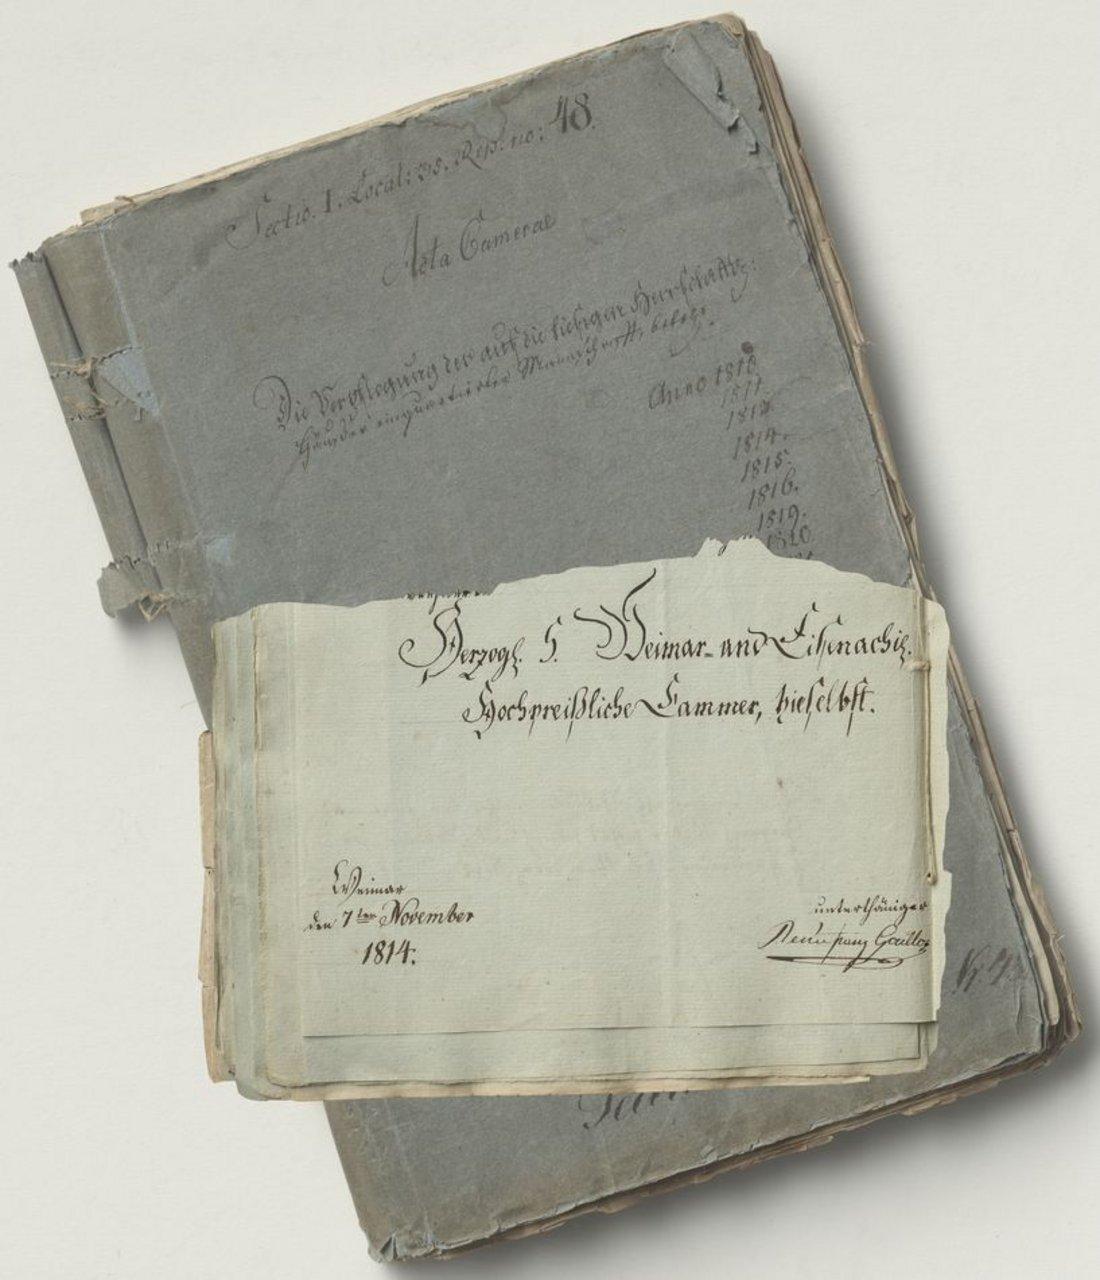 Untere Hälfte eines Briefes mit Unterschrift auf grau-blauem Umschlag der Akte mit Titel und Jahresangaben in Handschrift